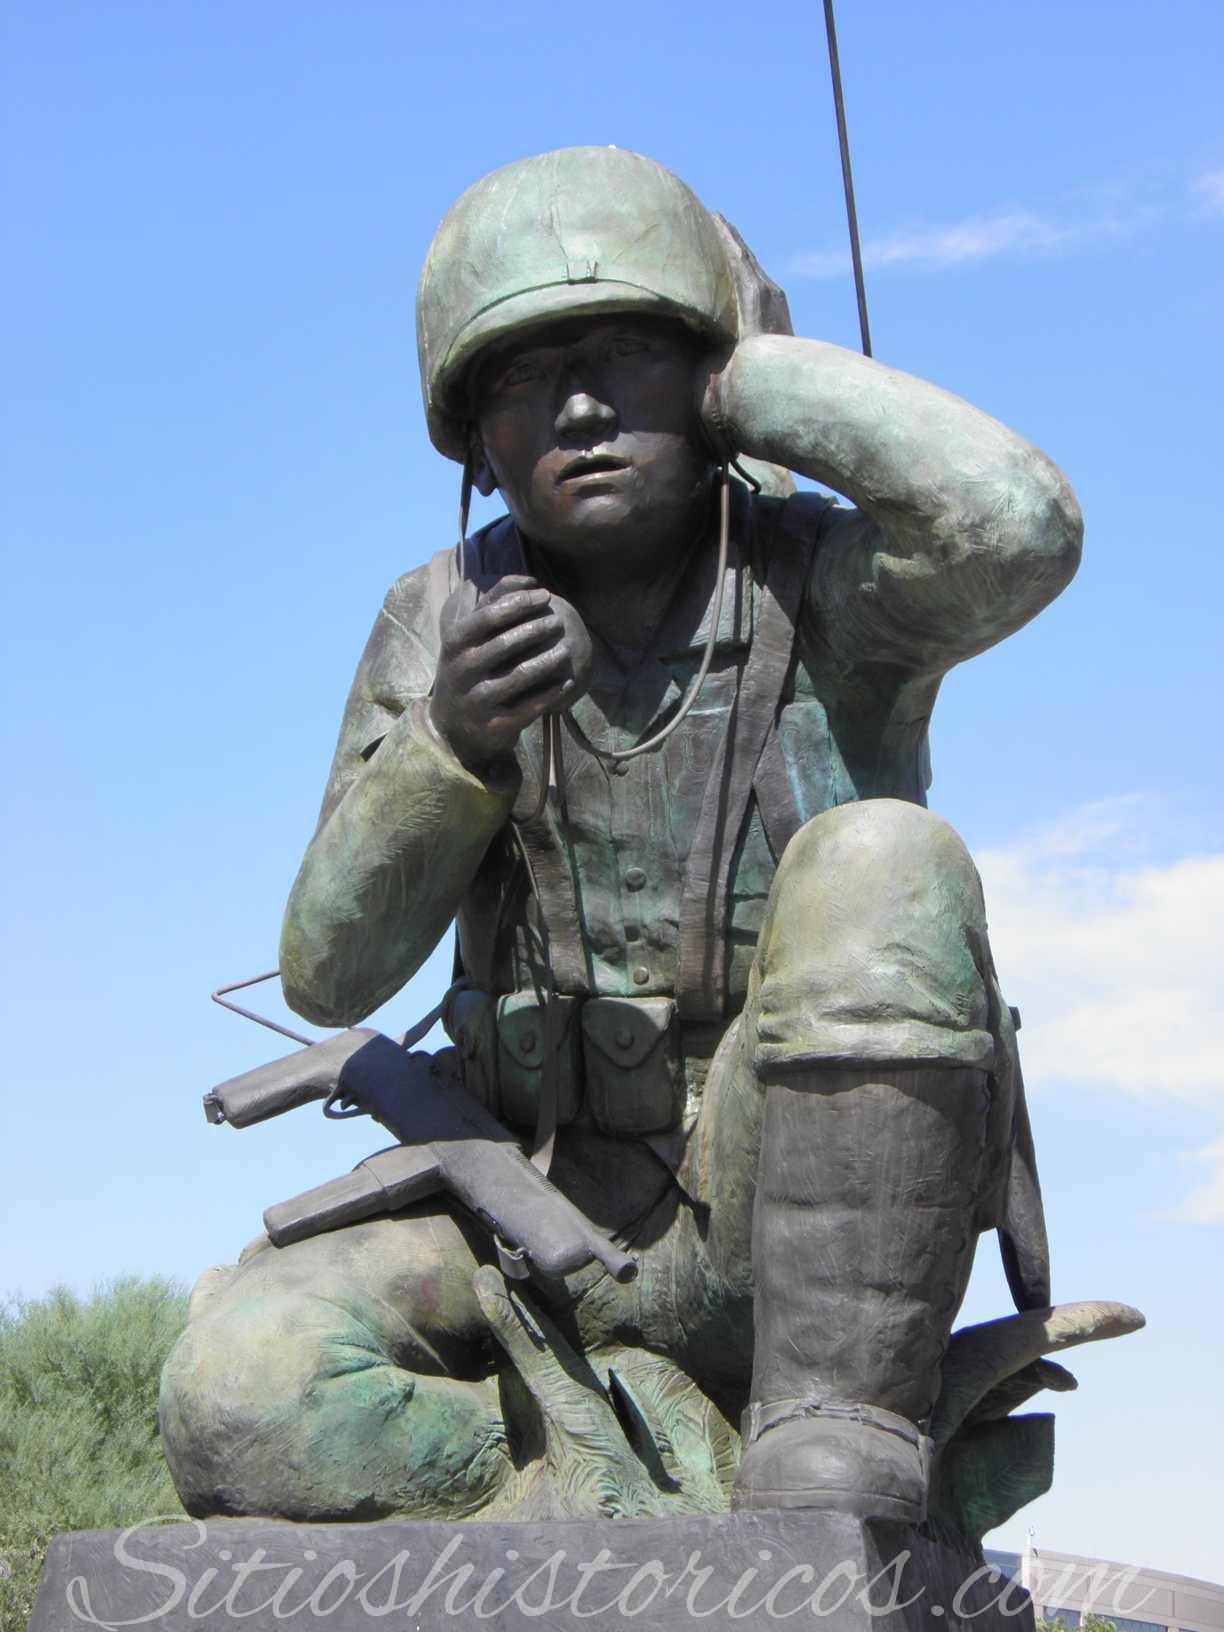 Monumento al soldado navajo